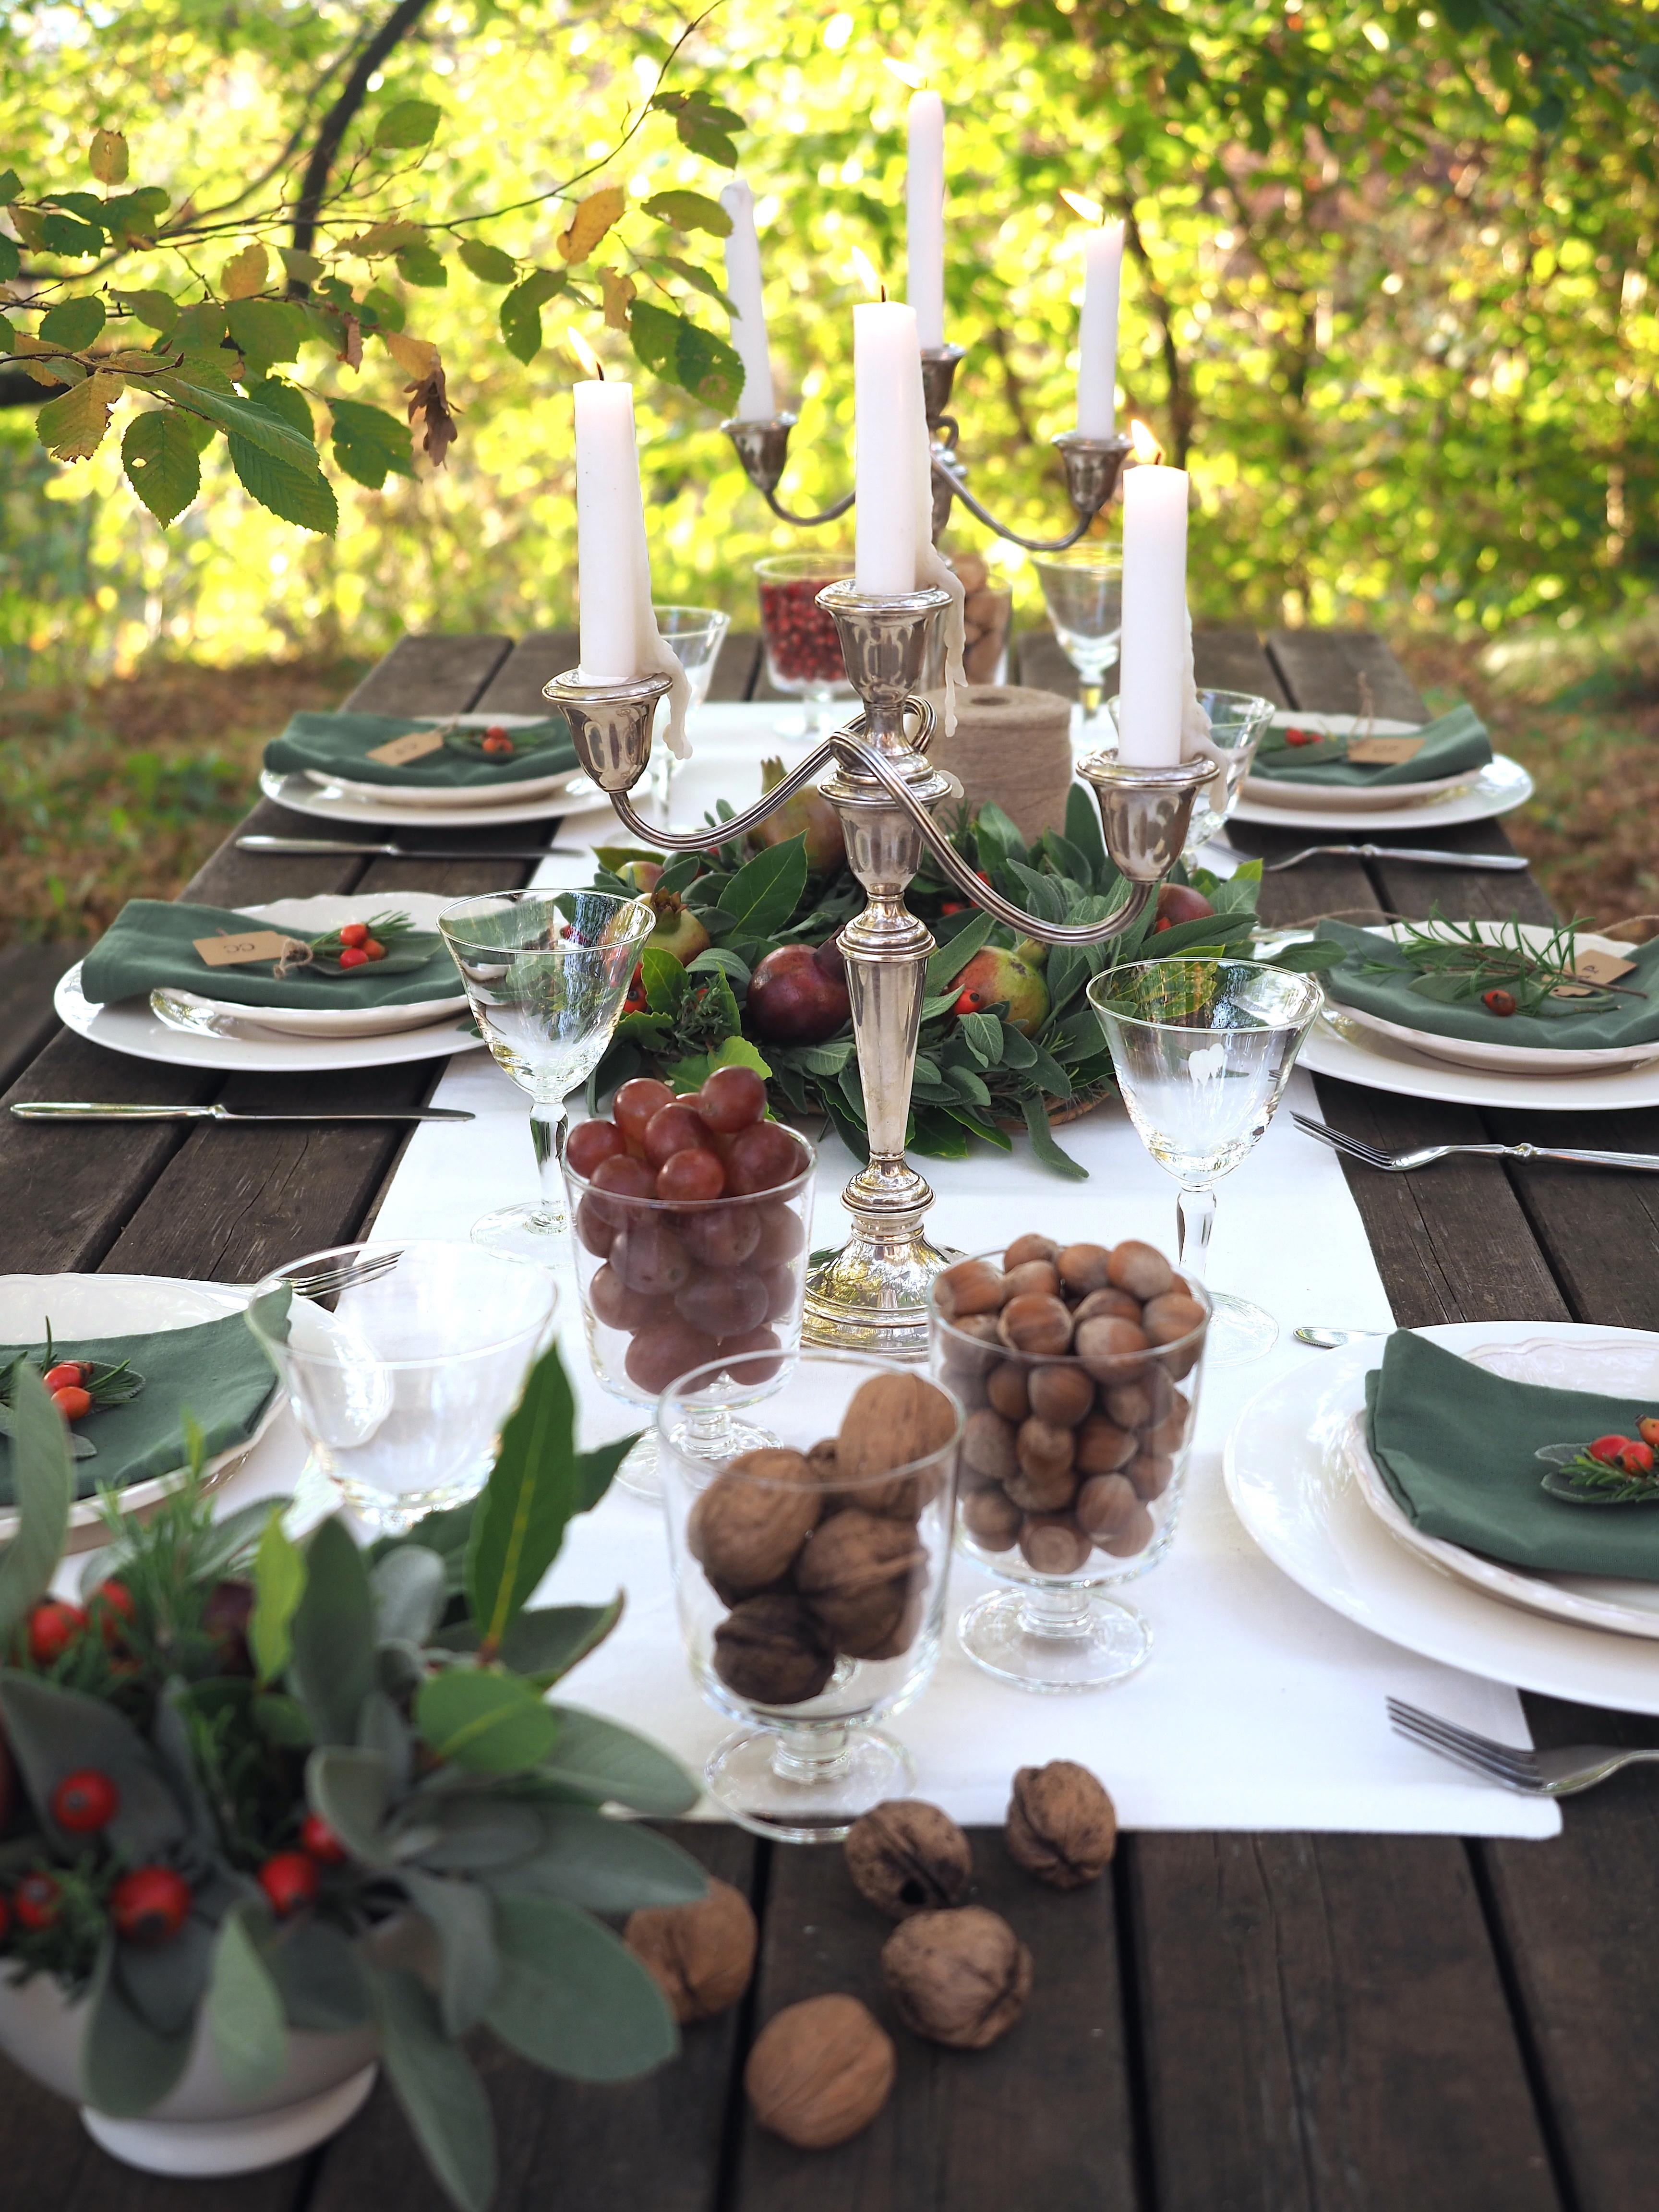 Composizioni Facili Di Frutta idee sfiziose per allestire la tavola delle feste – i